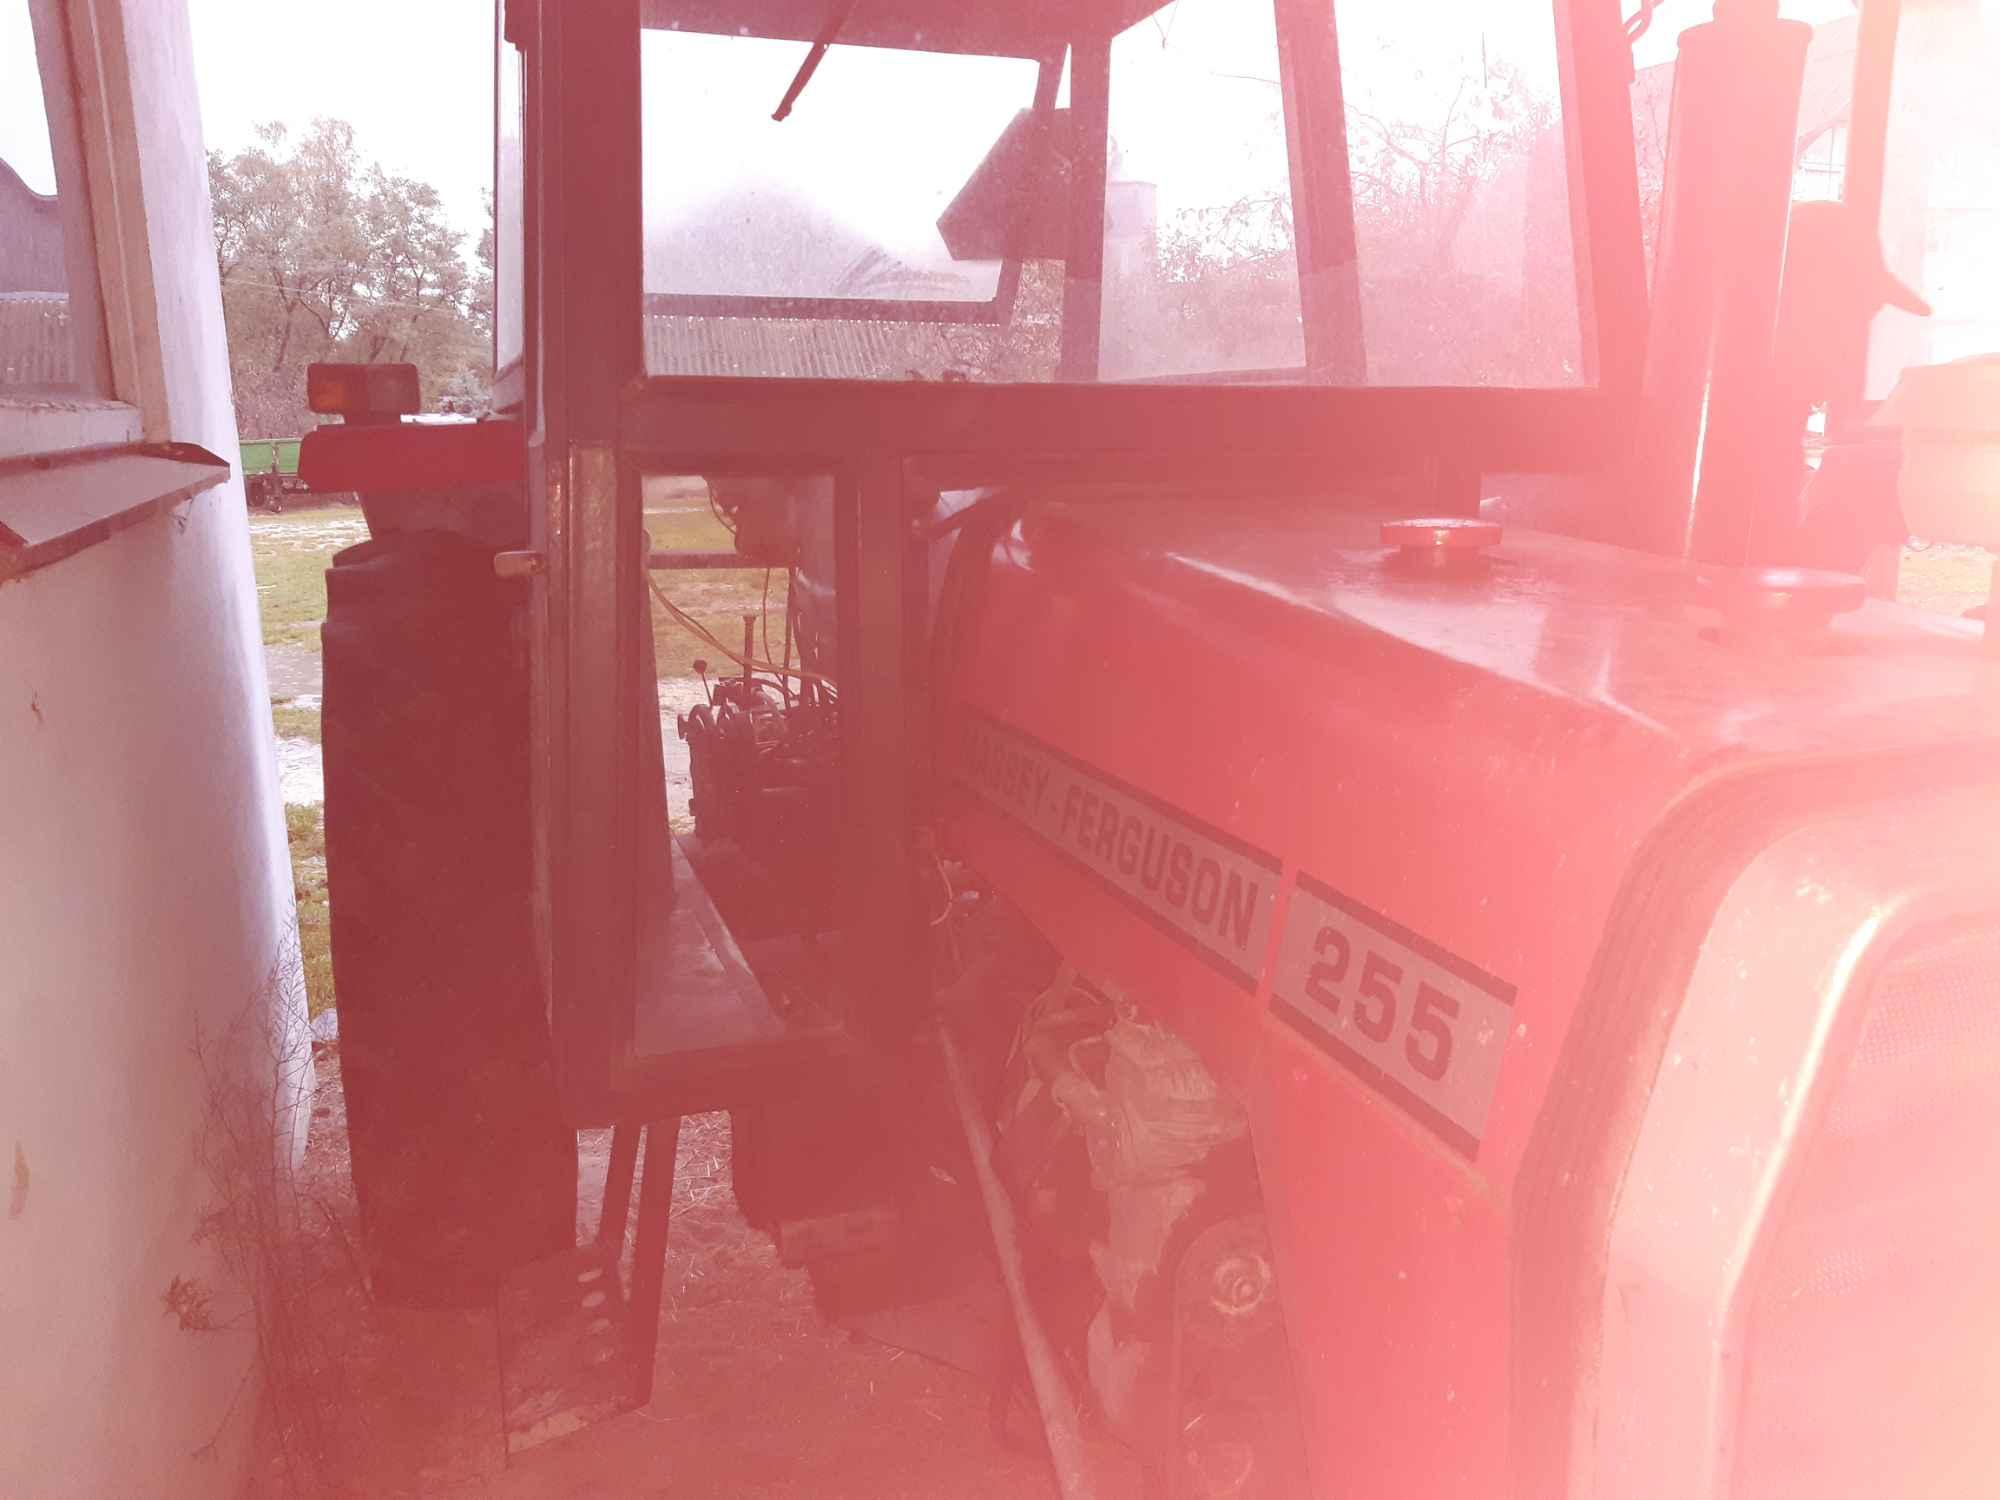 Sprzedam ciągnik MF 255 Kolonia Bobrowska Wola - zdjęcie 8